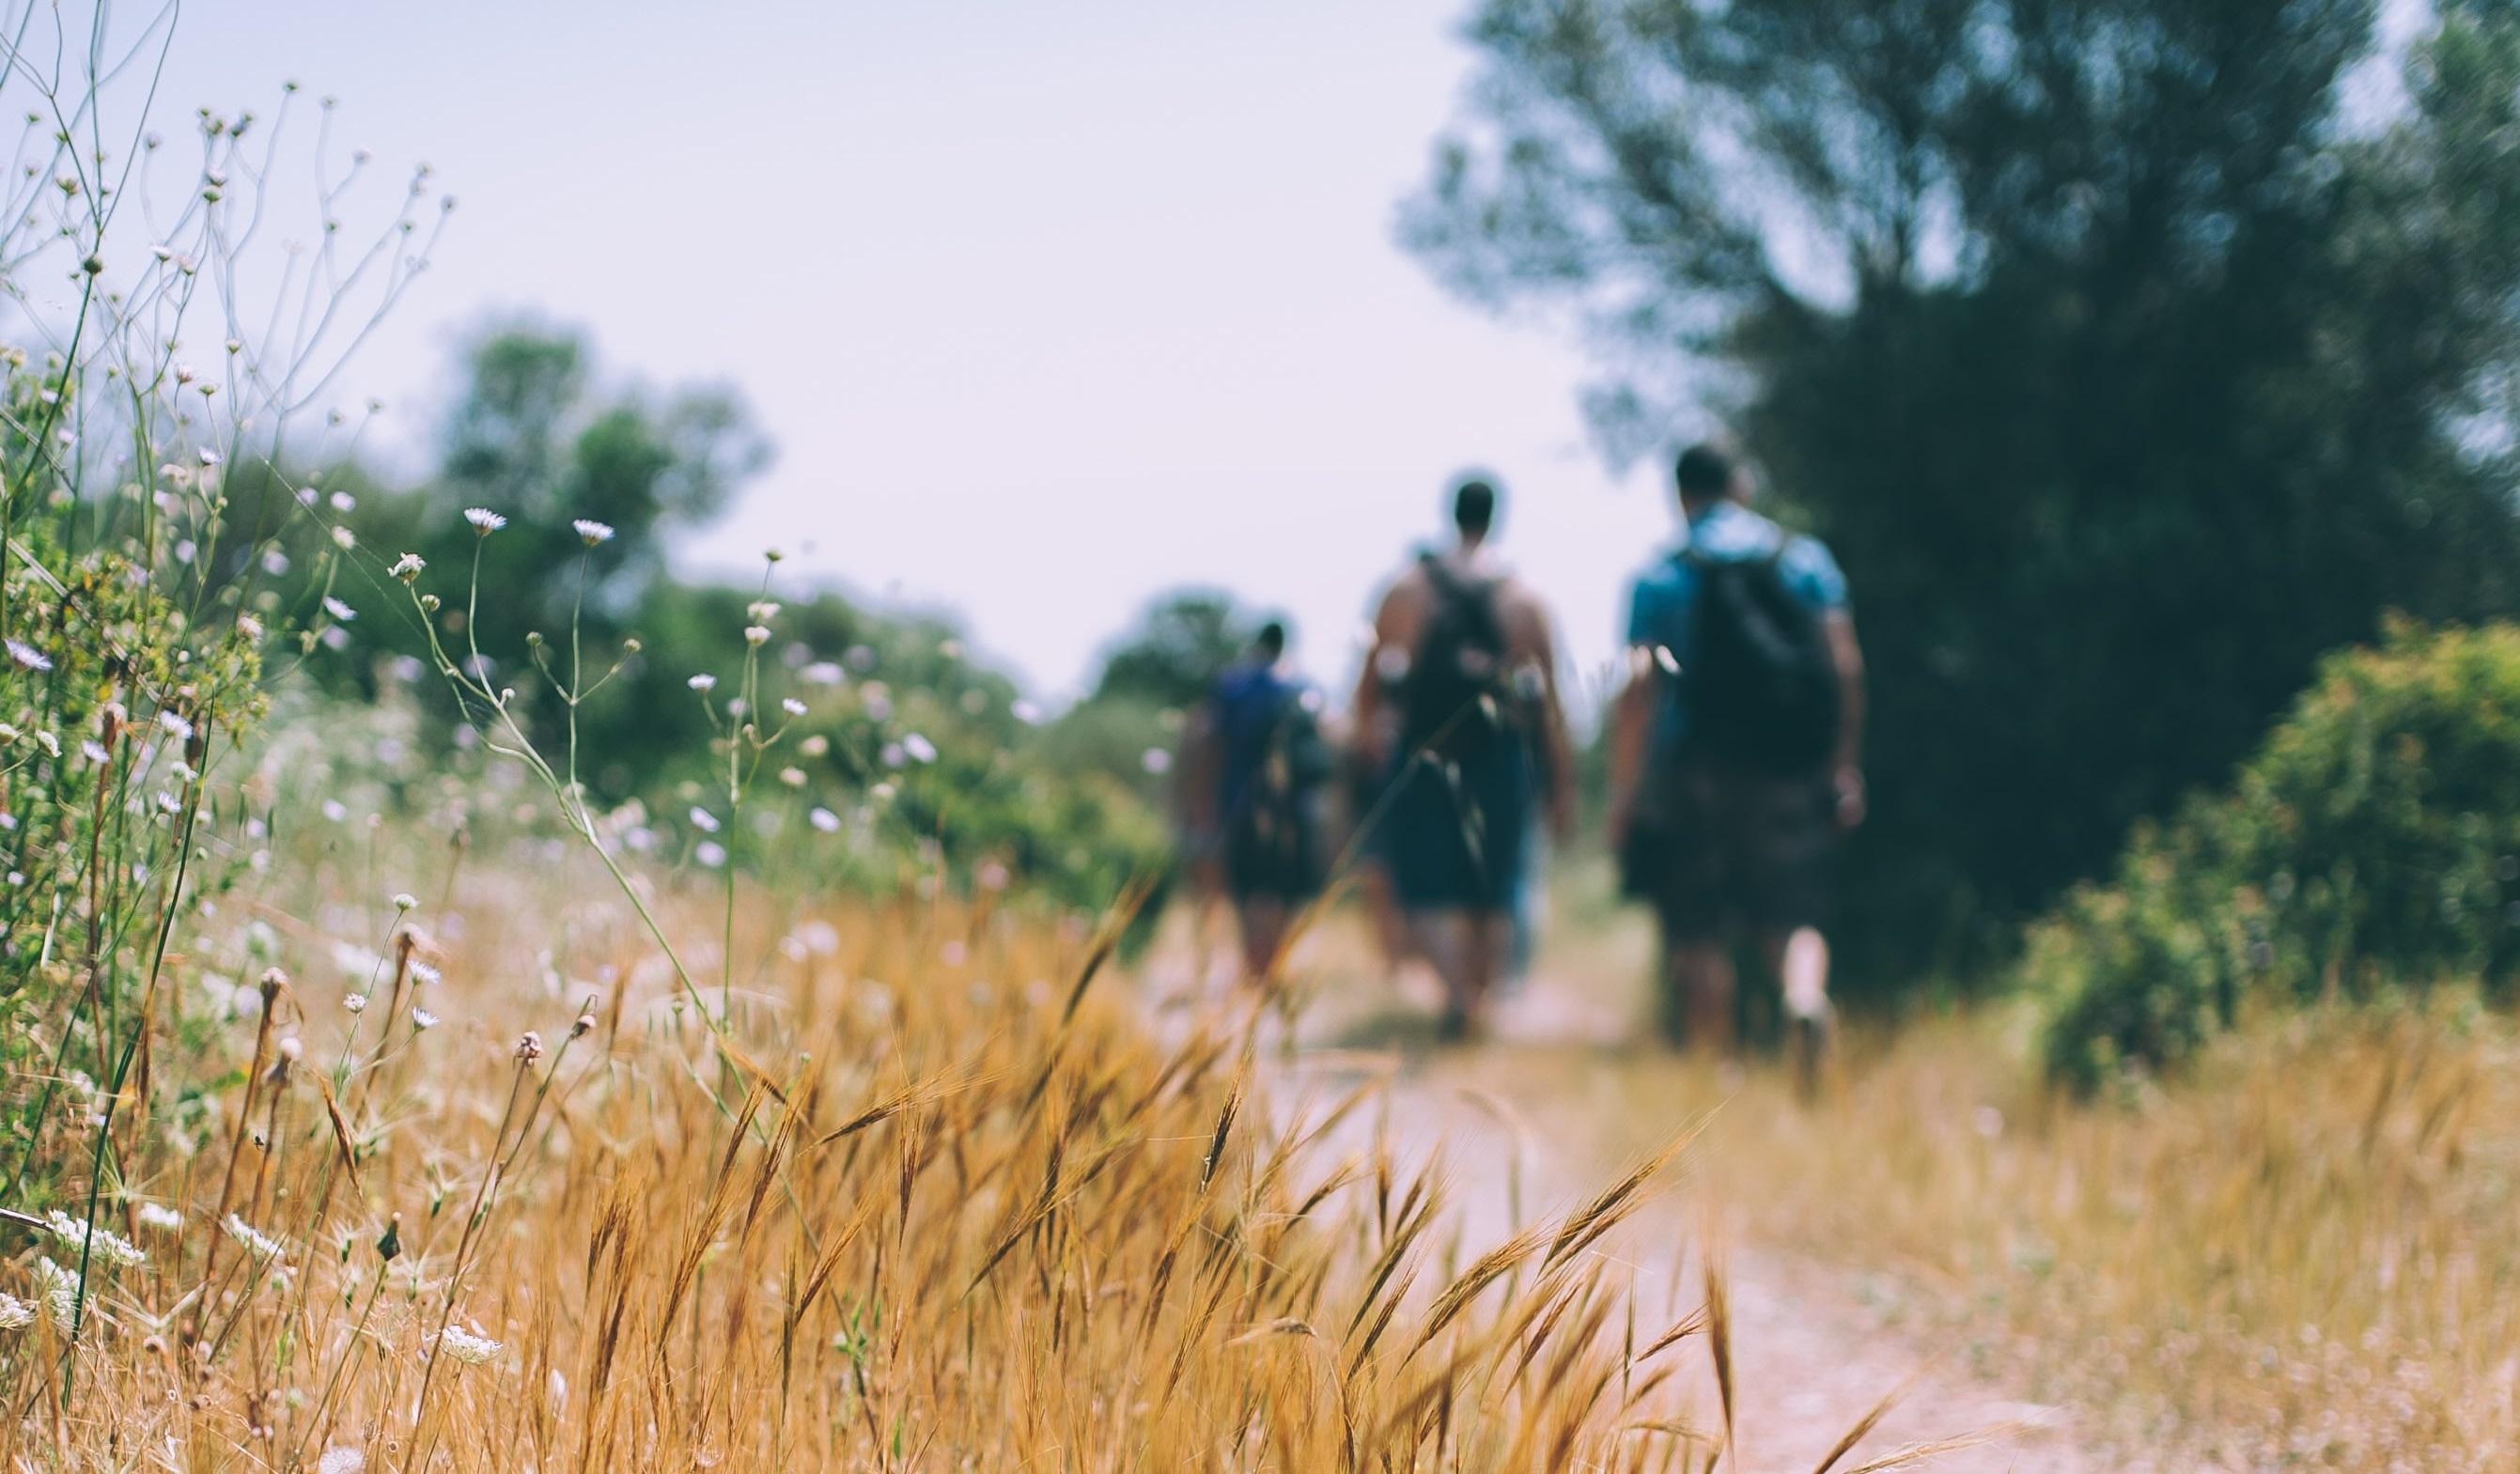 vandra promenad killar motionsspår stig väg gräs sommar.jpg